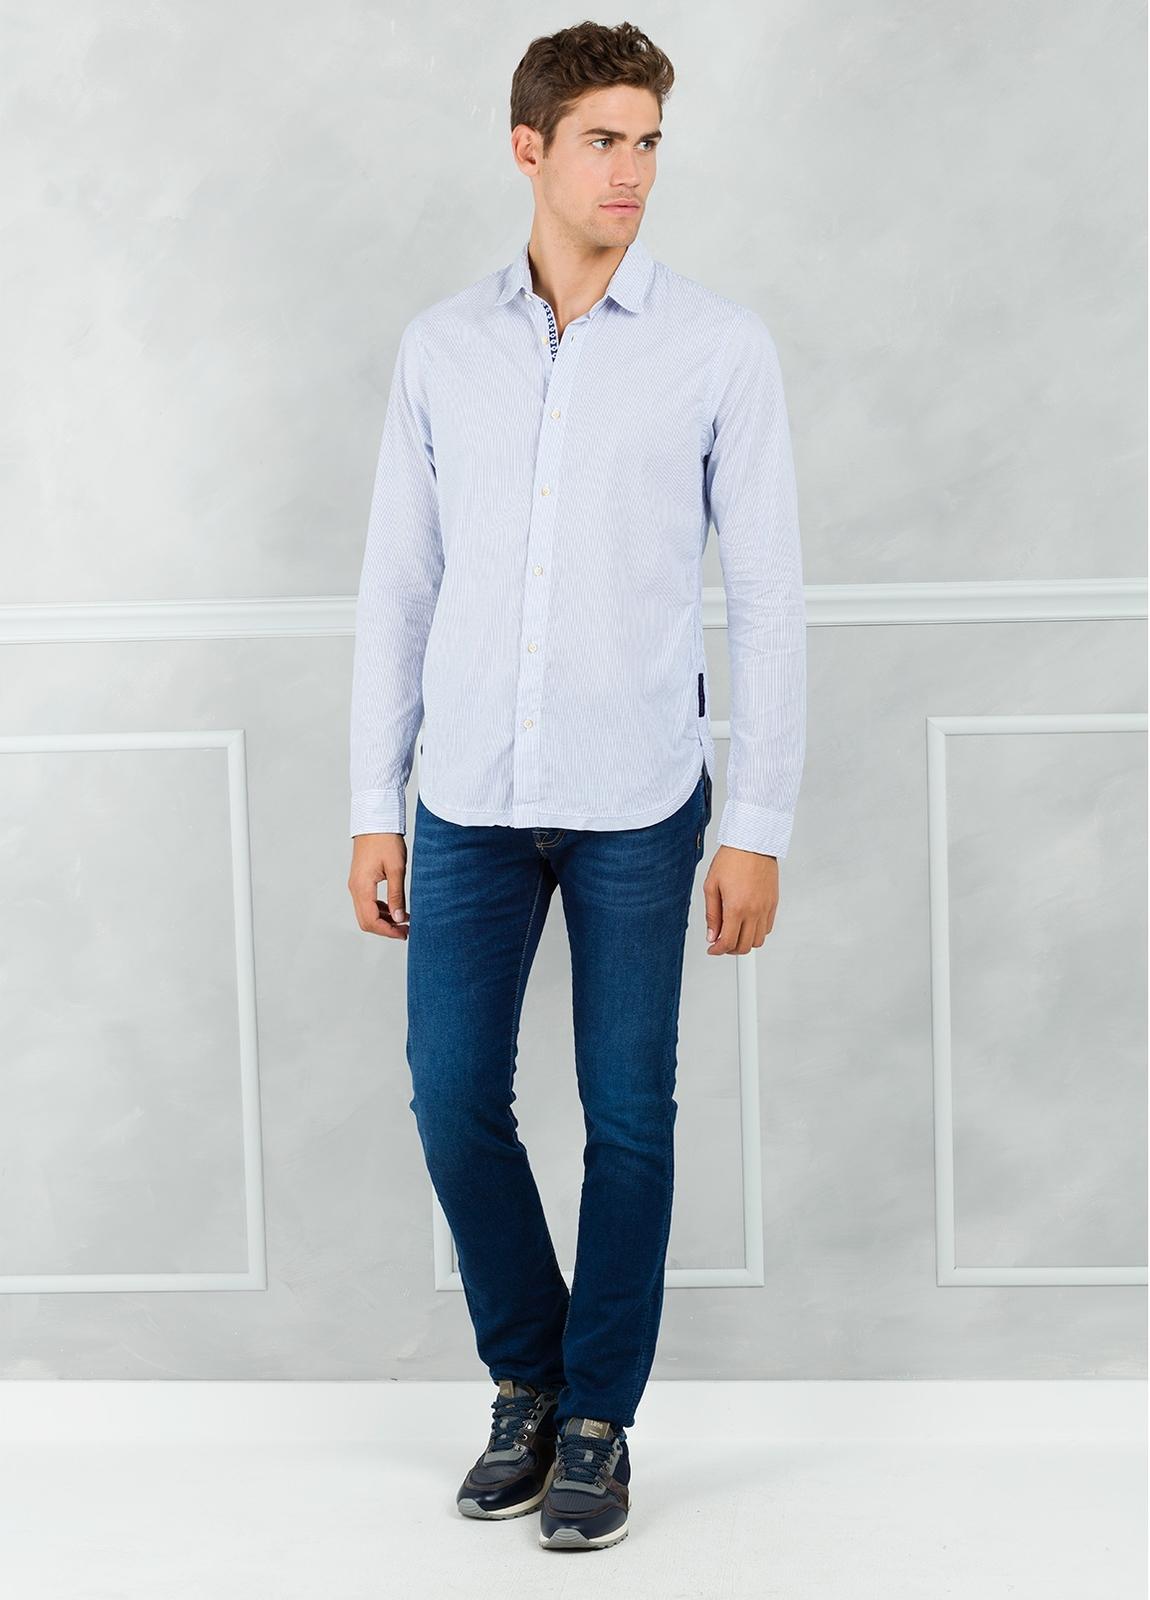 Camisa slim fit con dibujo de microrayas, color celeste. 100% Algodón. - Ítem3